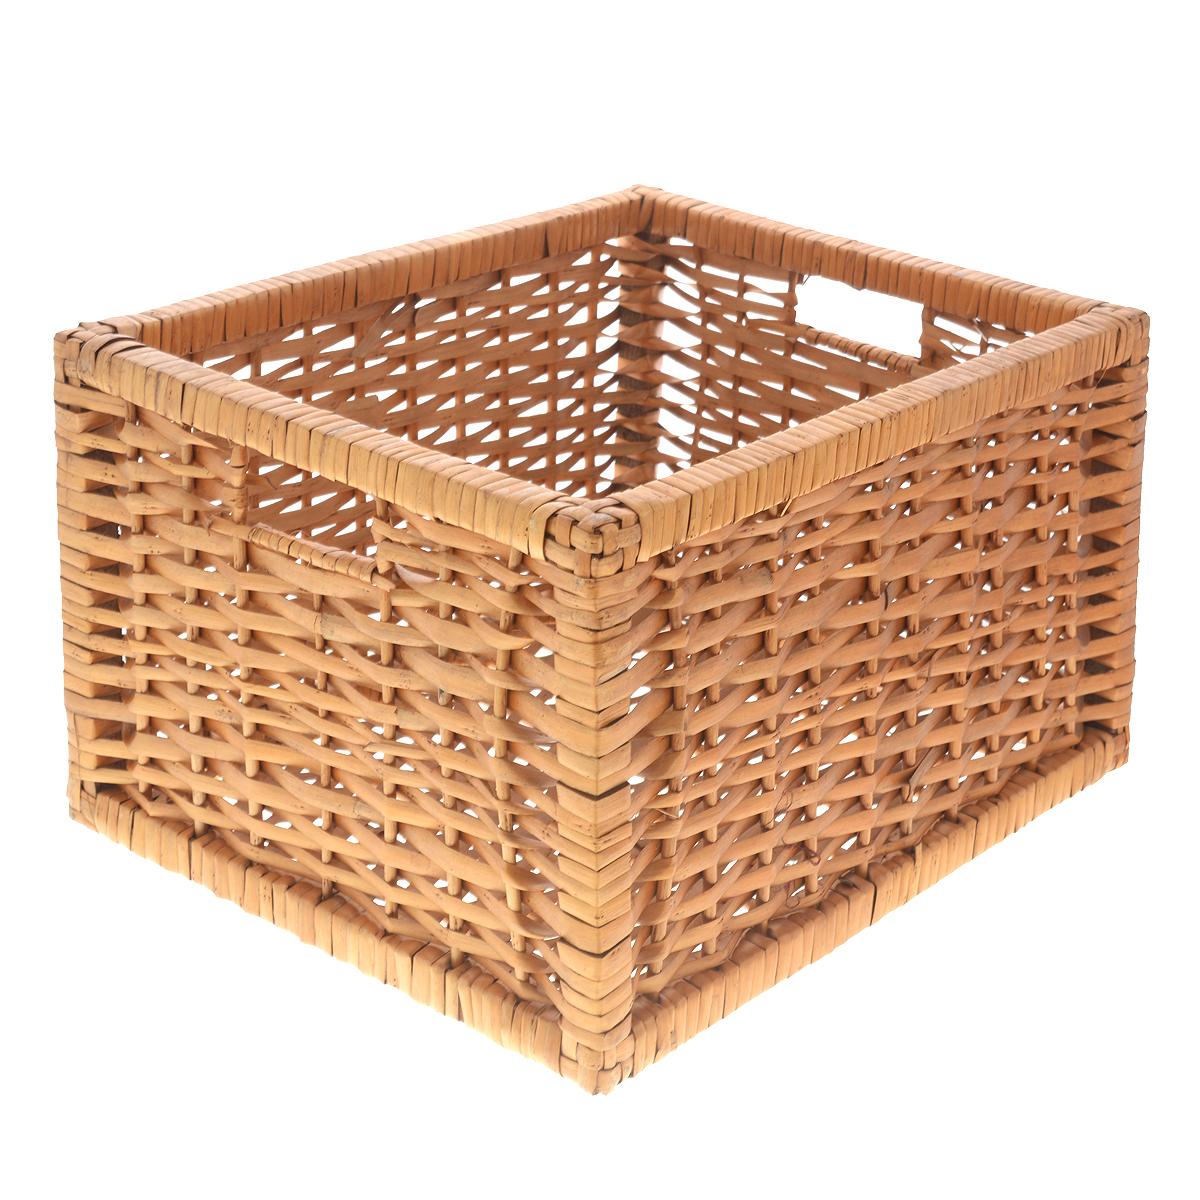 Корзина Kesper, 37 х 29 х 21 см1785-2Прямоугольная корзина Kesper изготовлена из натурального плетеного волокна. Она предназначена для хранения фруктов, овощей, а также мелочей дома или на даче. Позволяет хранить мелкие вещи, исключая возможность их потери. Изделие оснащено удобными ручками. Корзина очень вместительная. Элегантный выдержанный дизайн позволяет органично вписаться в ваш интерьер и стать его элементом. Материал: натуральное волокно.